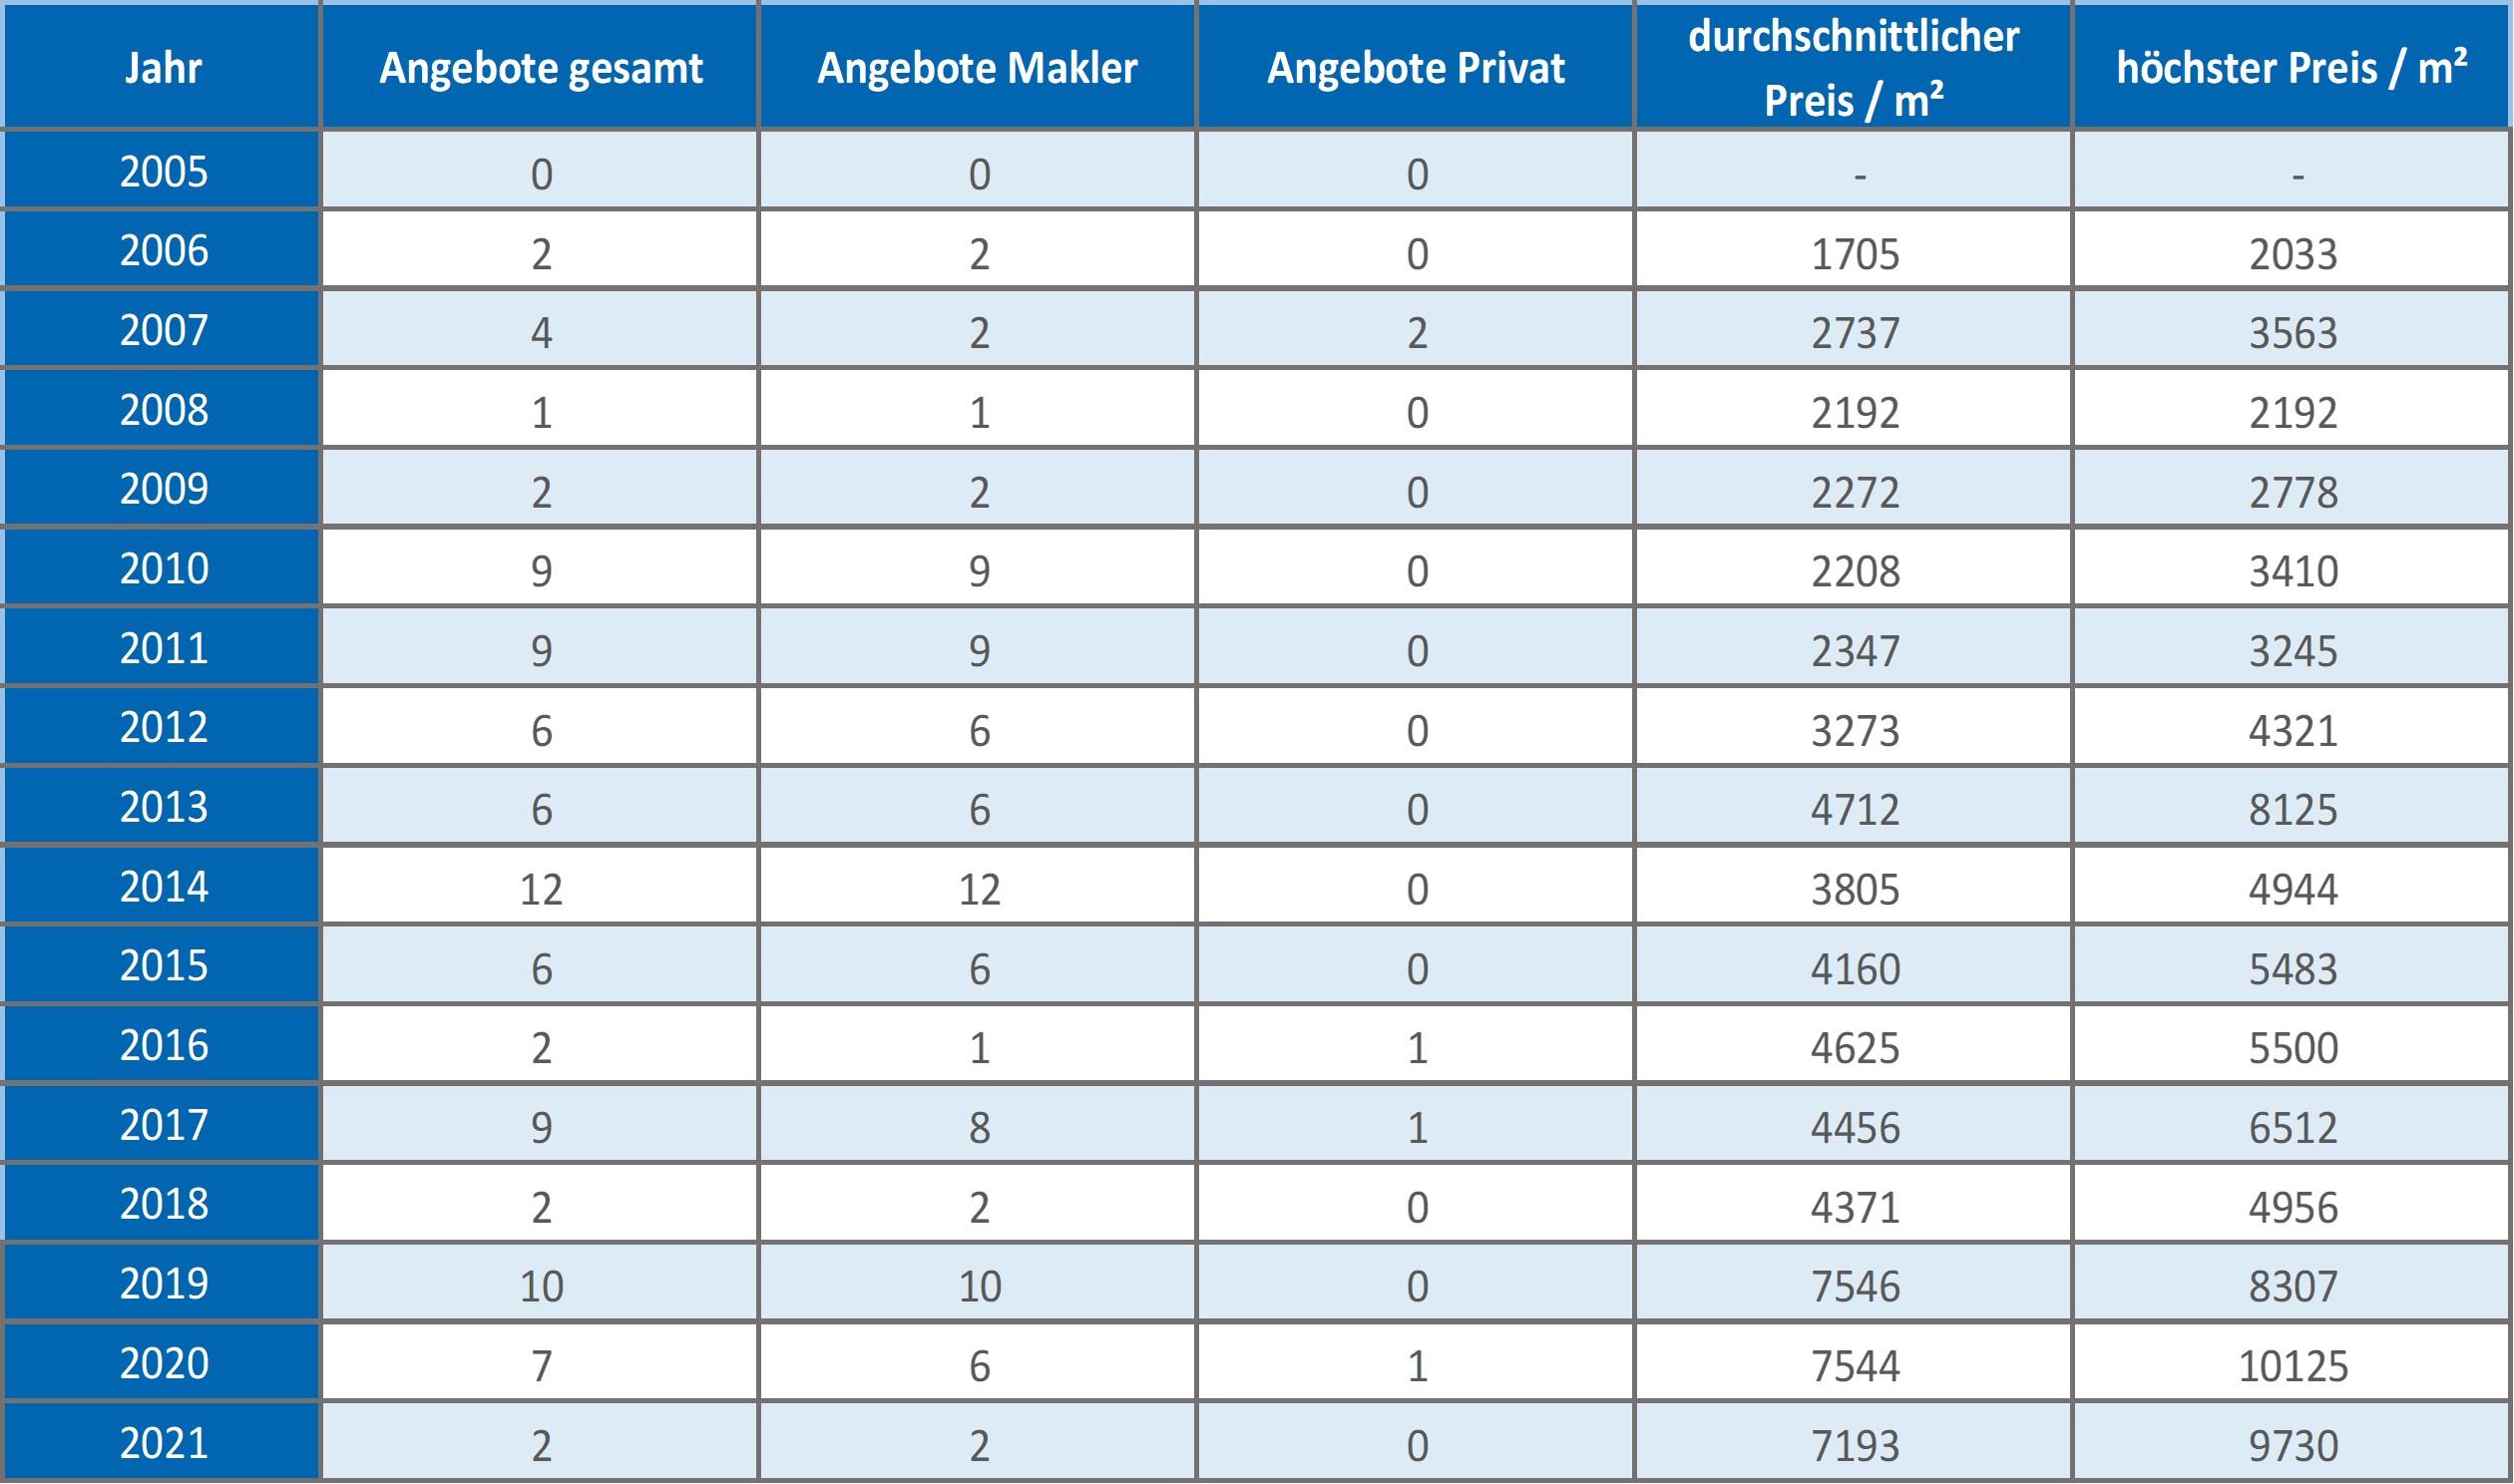 Oberschleißheim-Mehrfamilienhaus-Kaufen-Verkaufen-Makler 2019 2020 2021